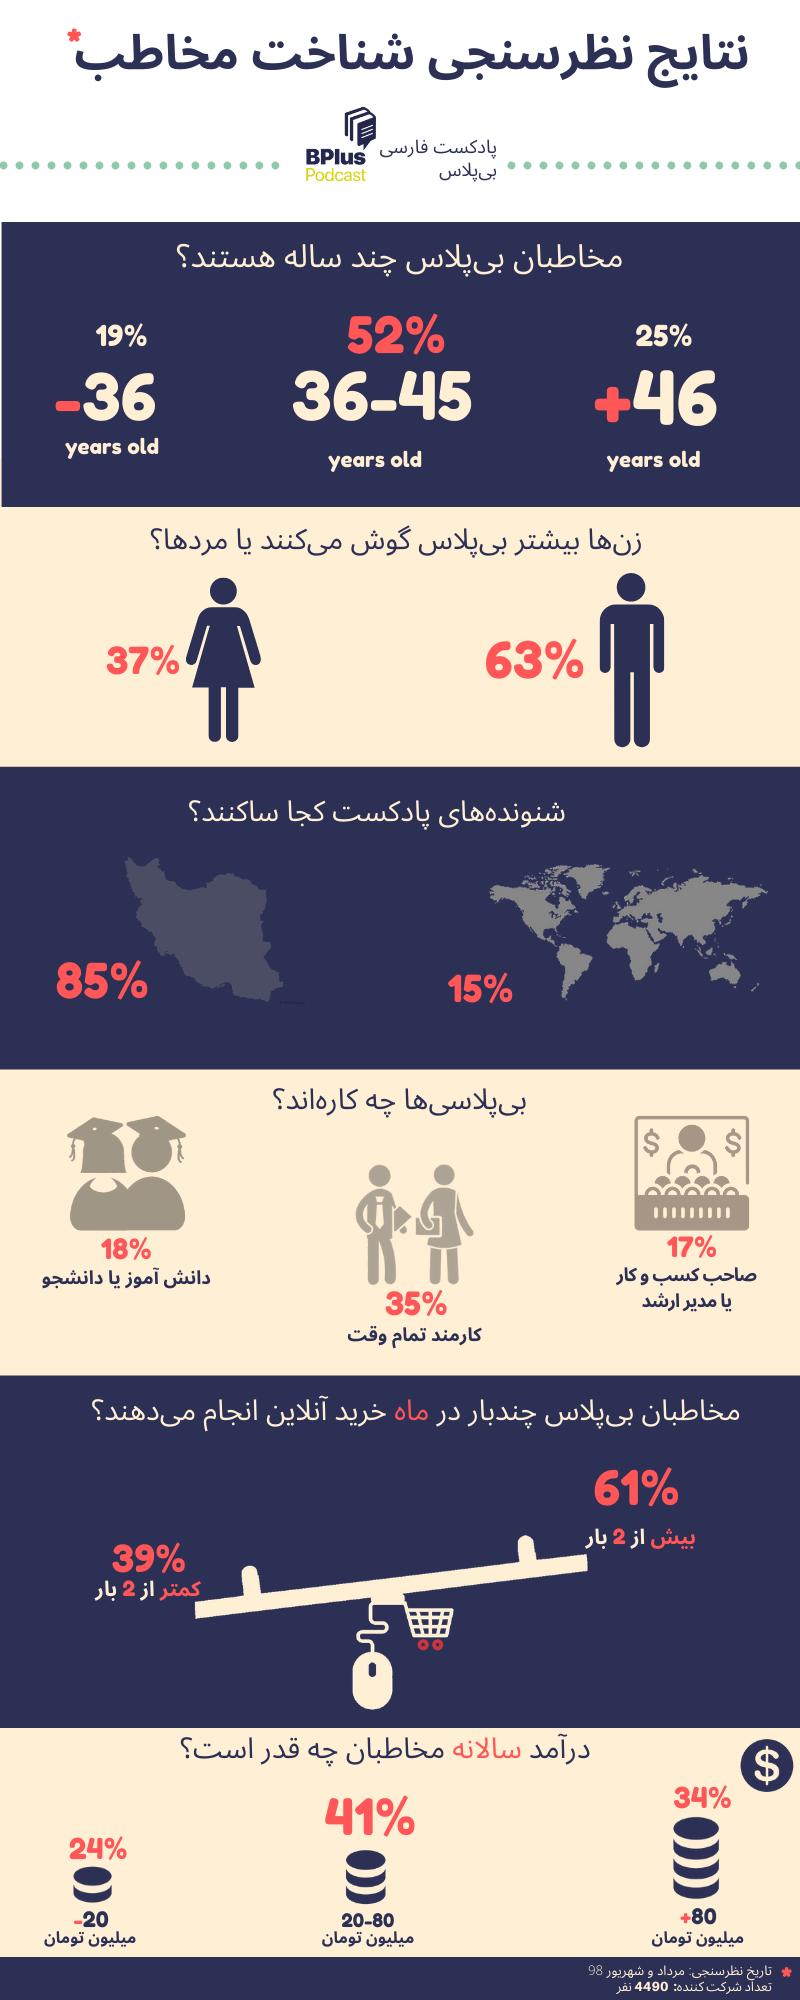 نتایج نظرسنجی شناخت مخاطب بی پلاس (3)